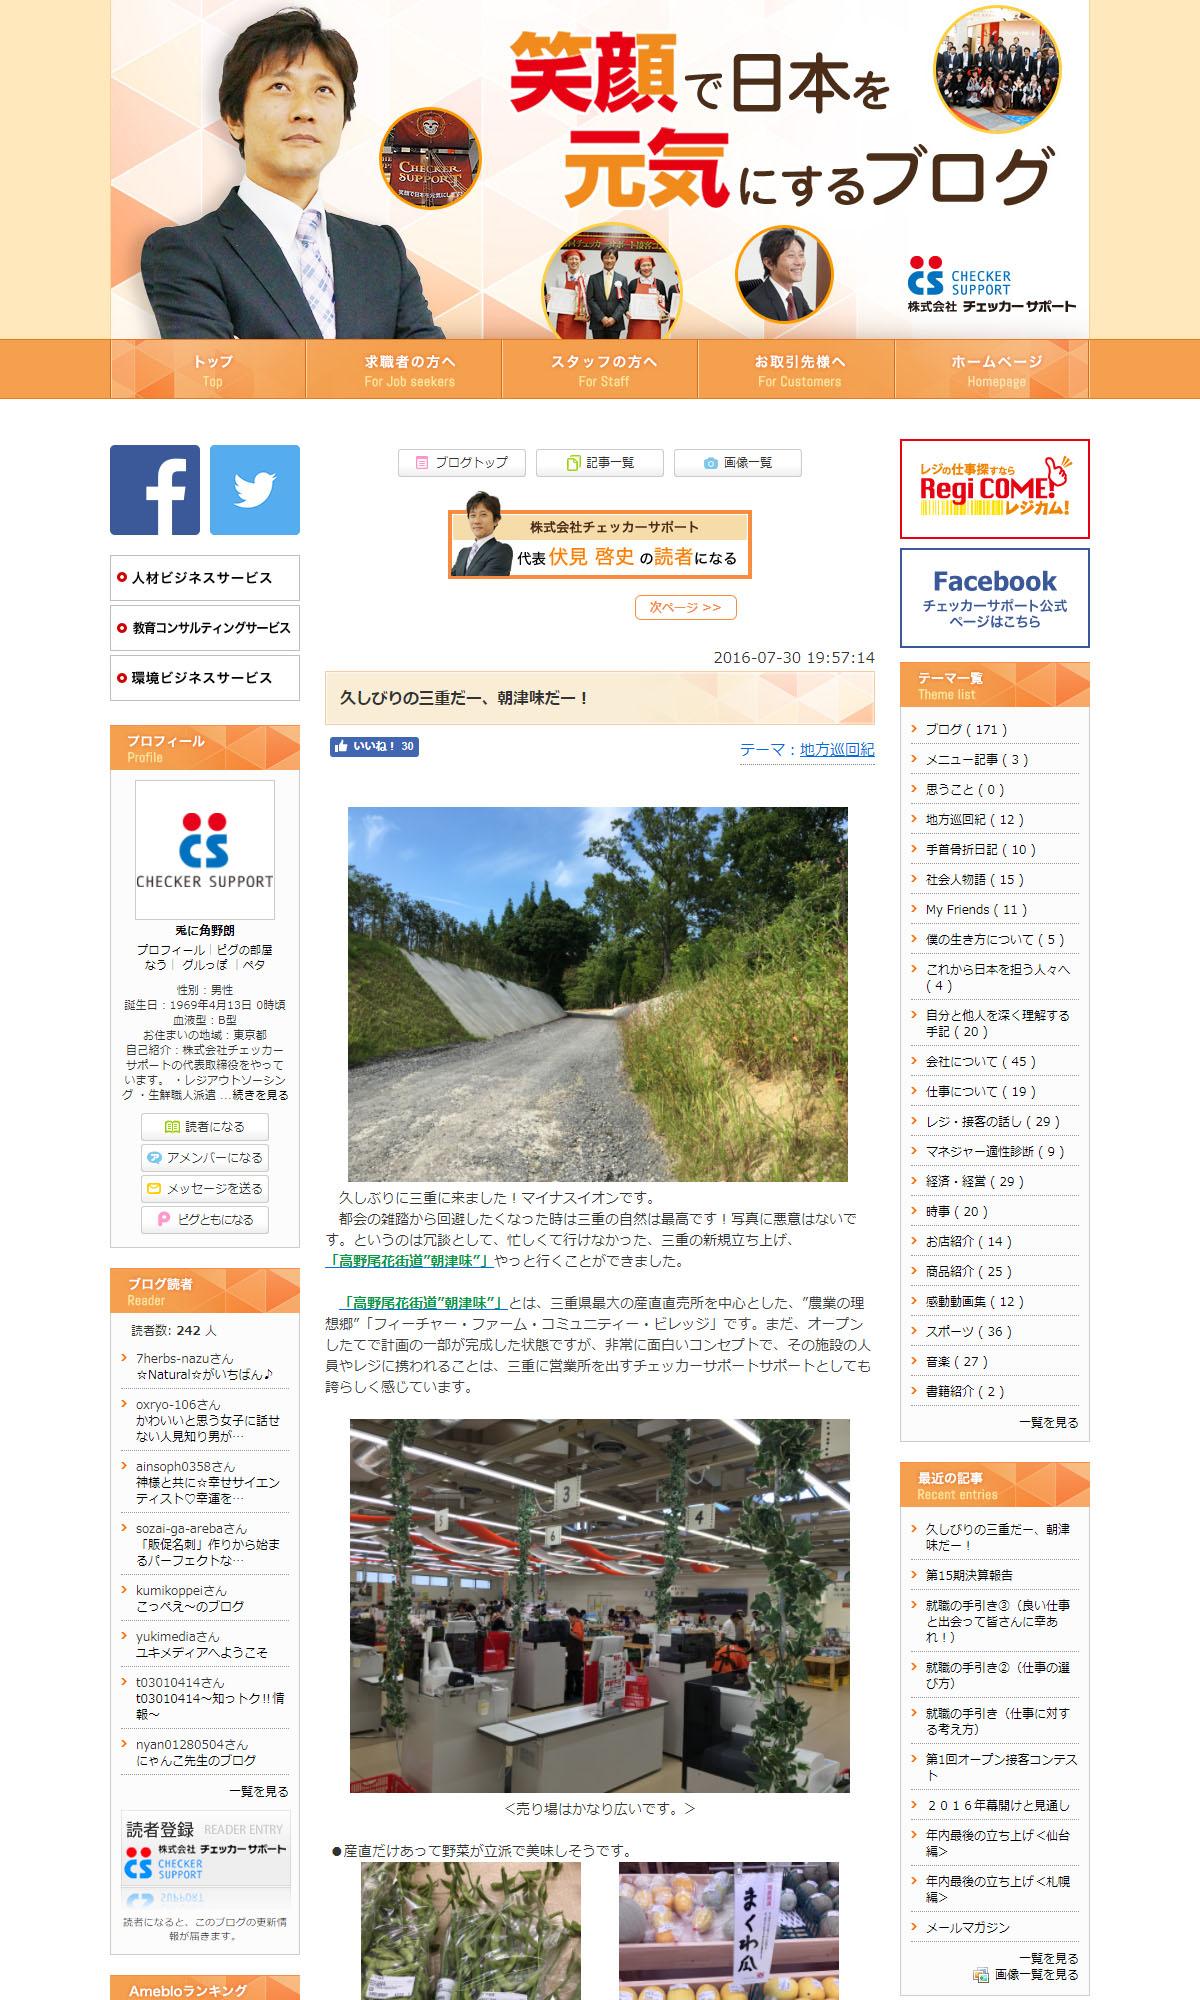 笑顔で日本を元気にするブログ